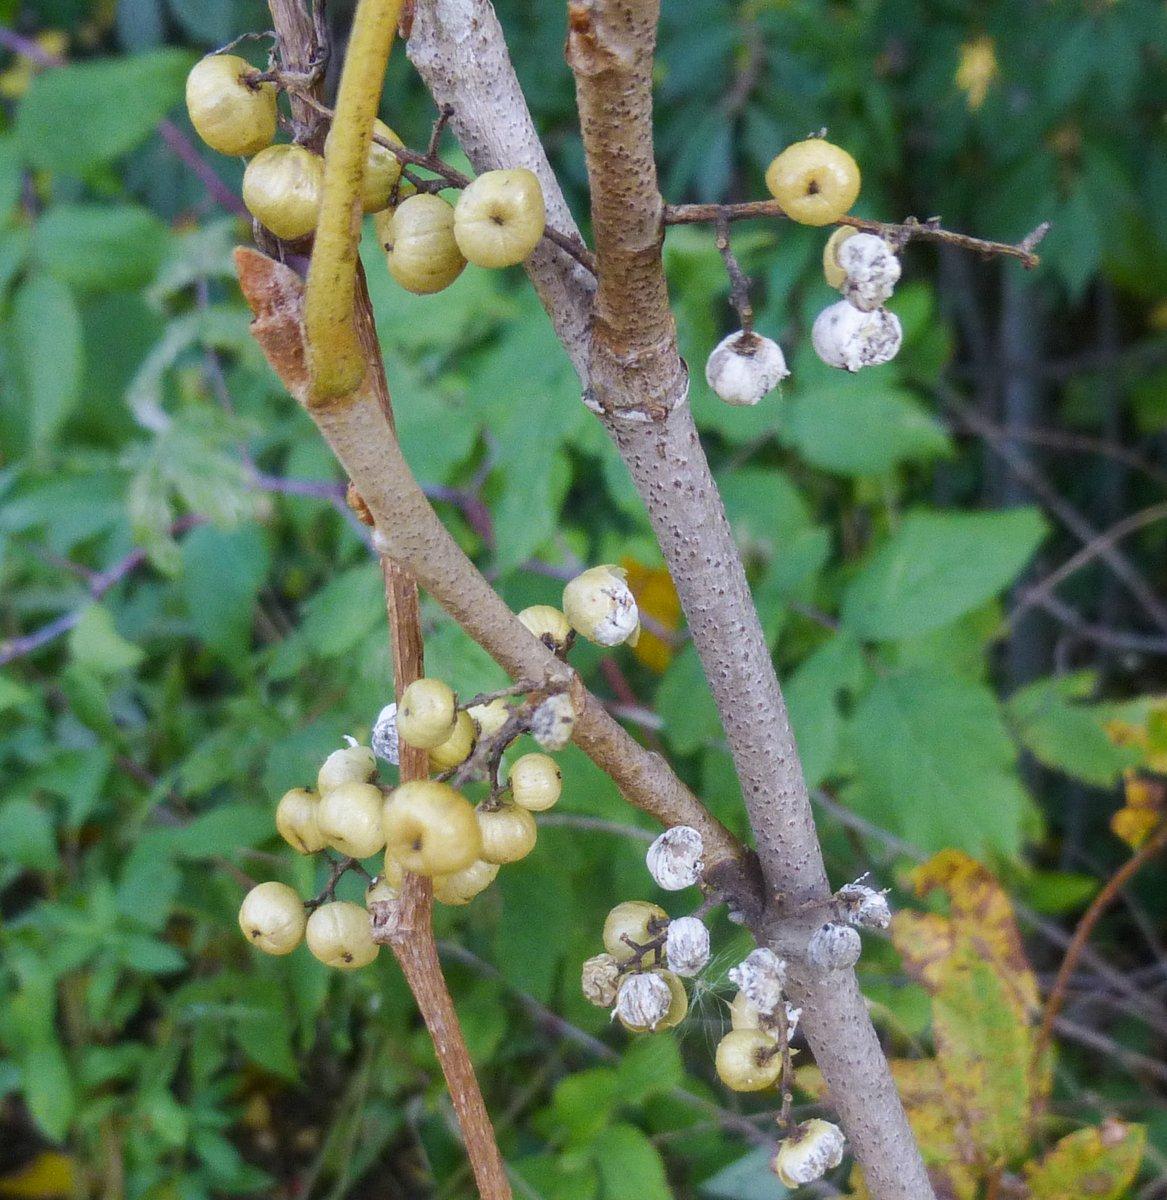 10. Poison Ivy